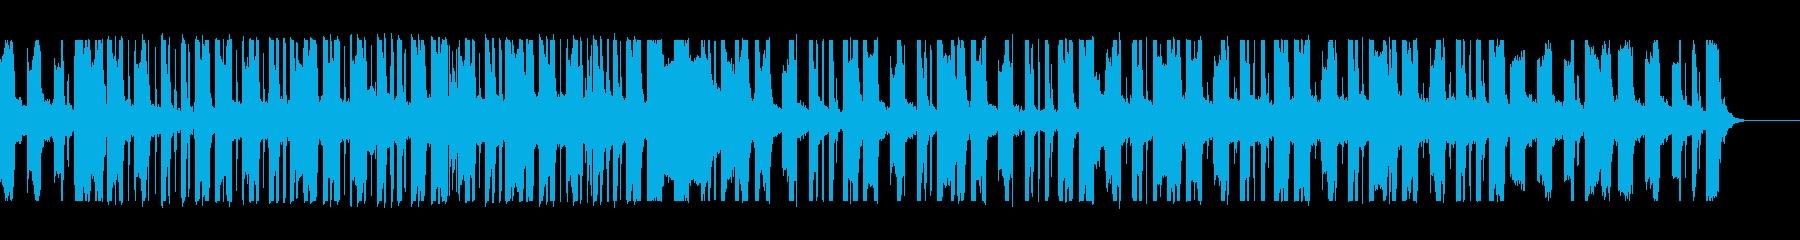 ネオソウルギターとローファイヒップホップの再生済みの波形